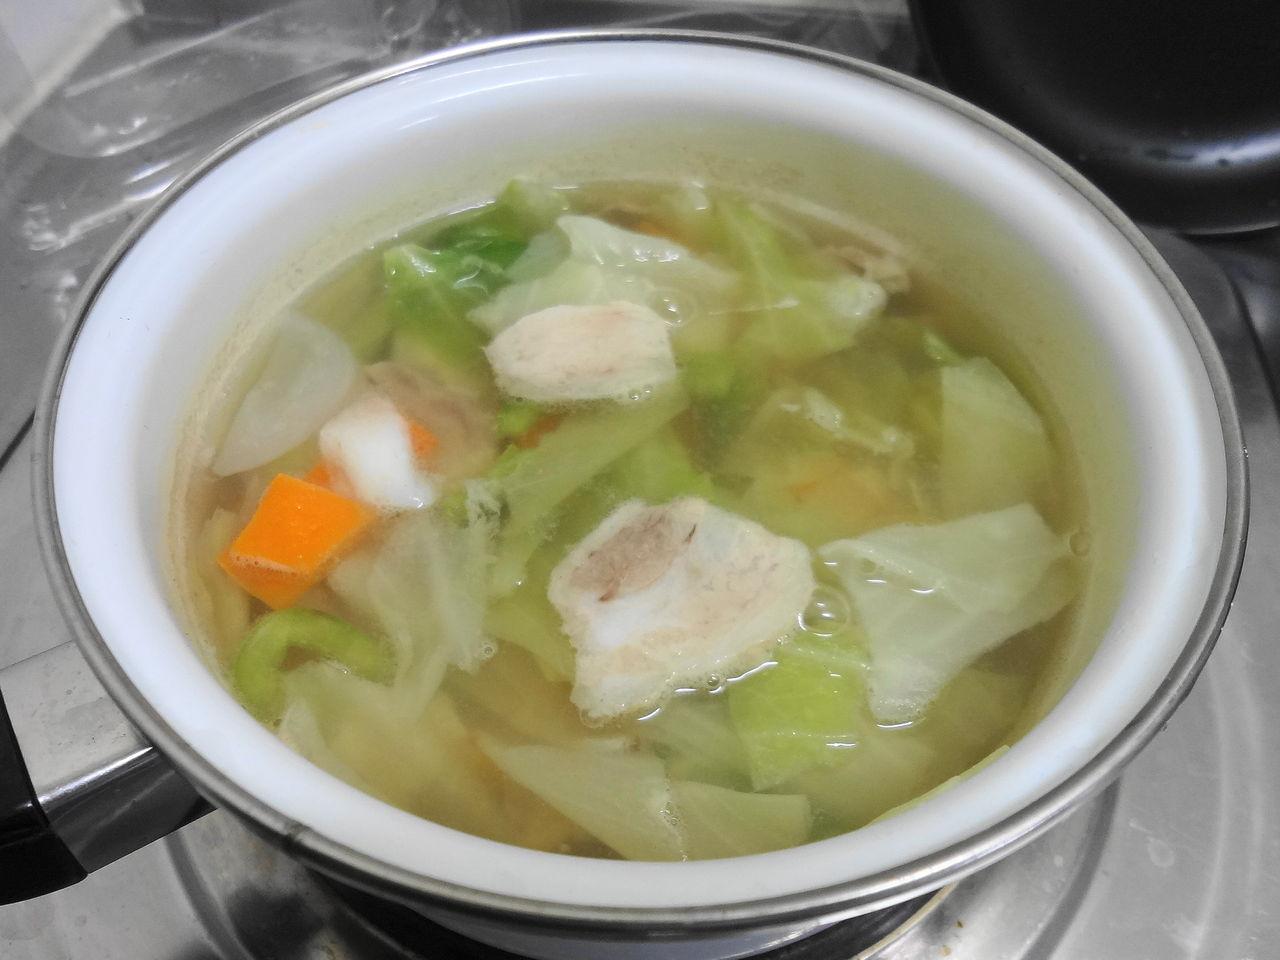 鍋で湯を沸かし、ほんだしを溶かして、豚肉とカット野菜をいっぺんに放り込ん... 日籍部落客・中正